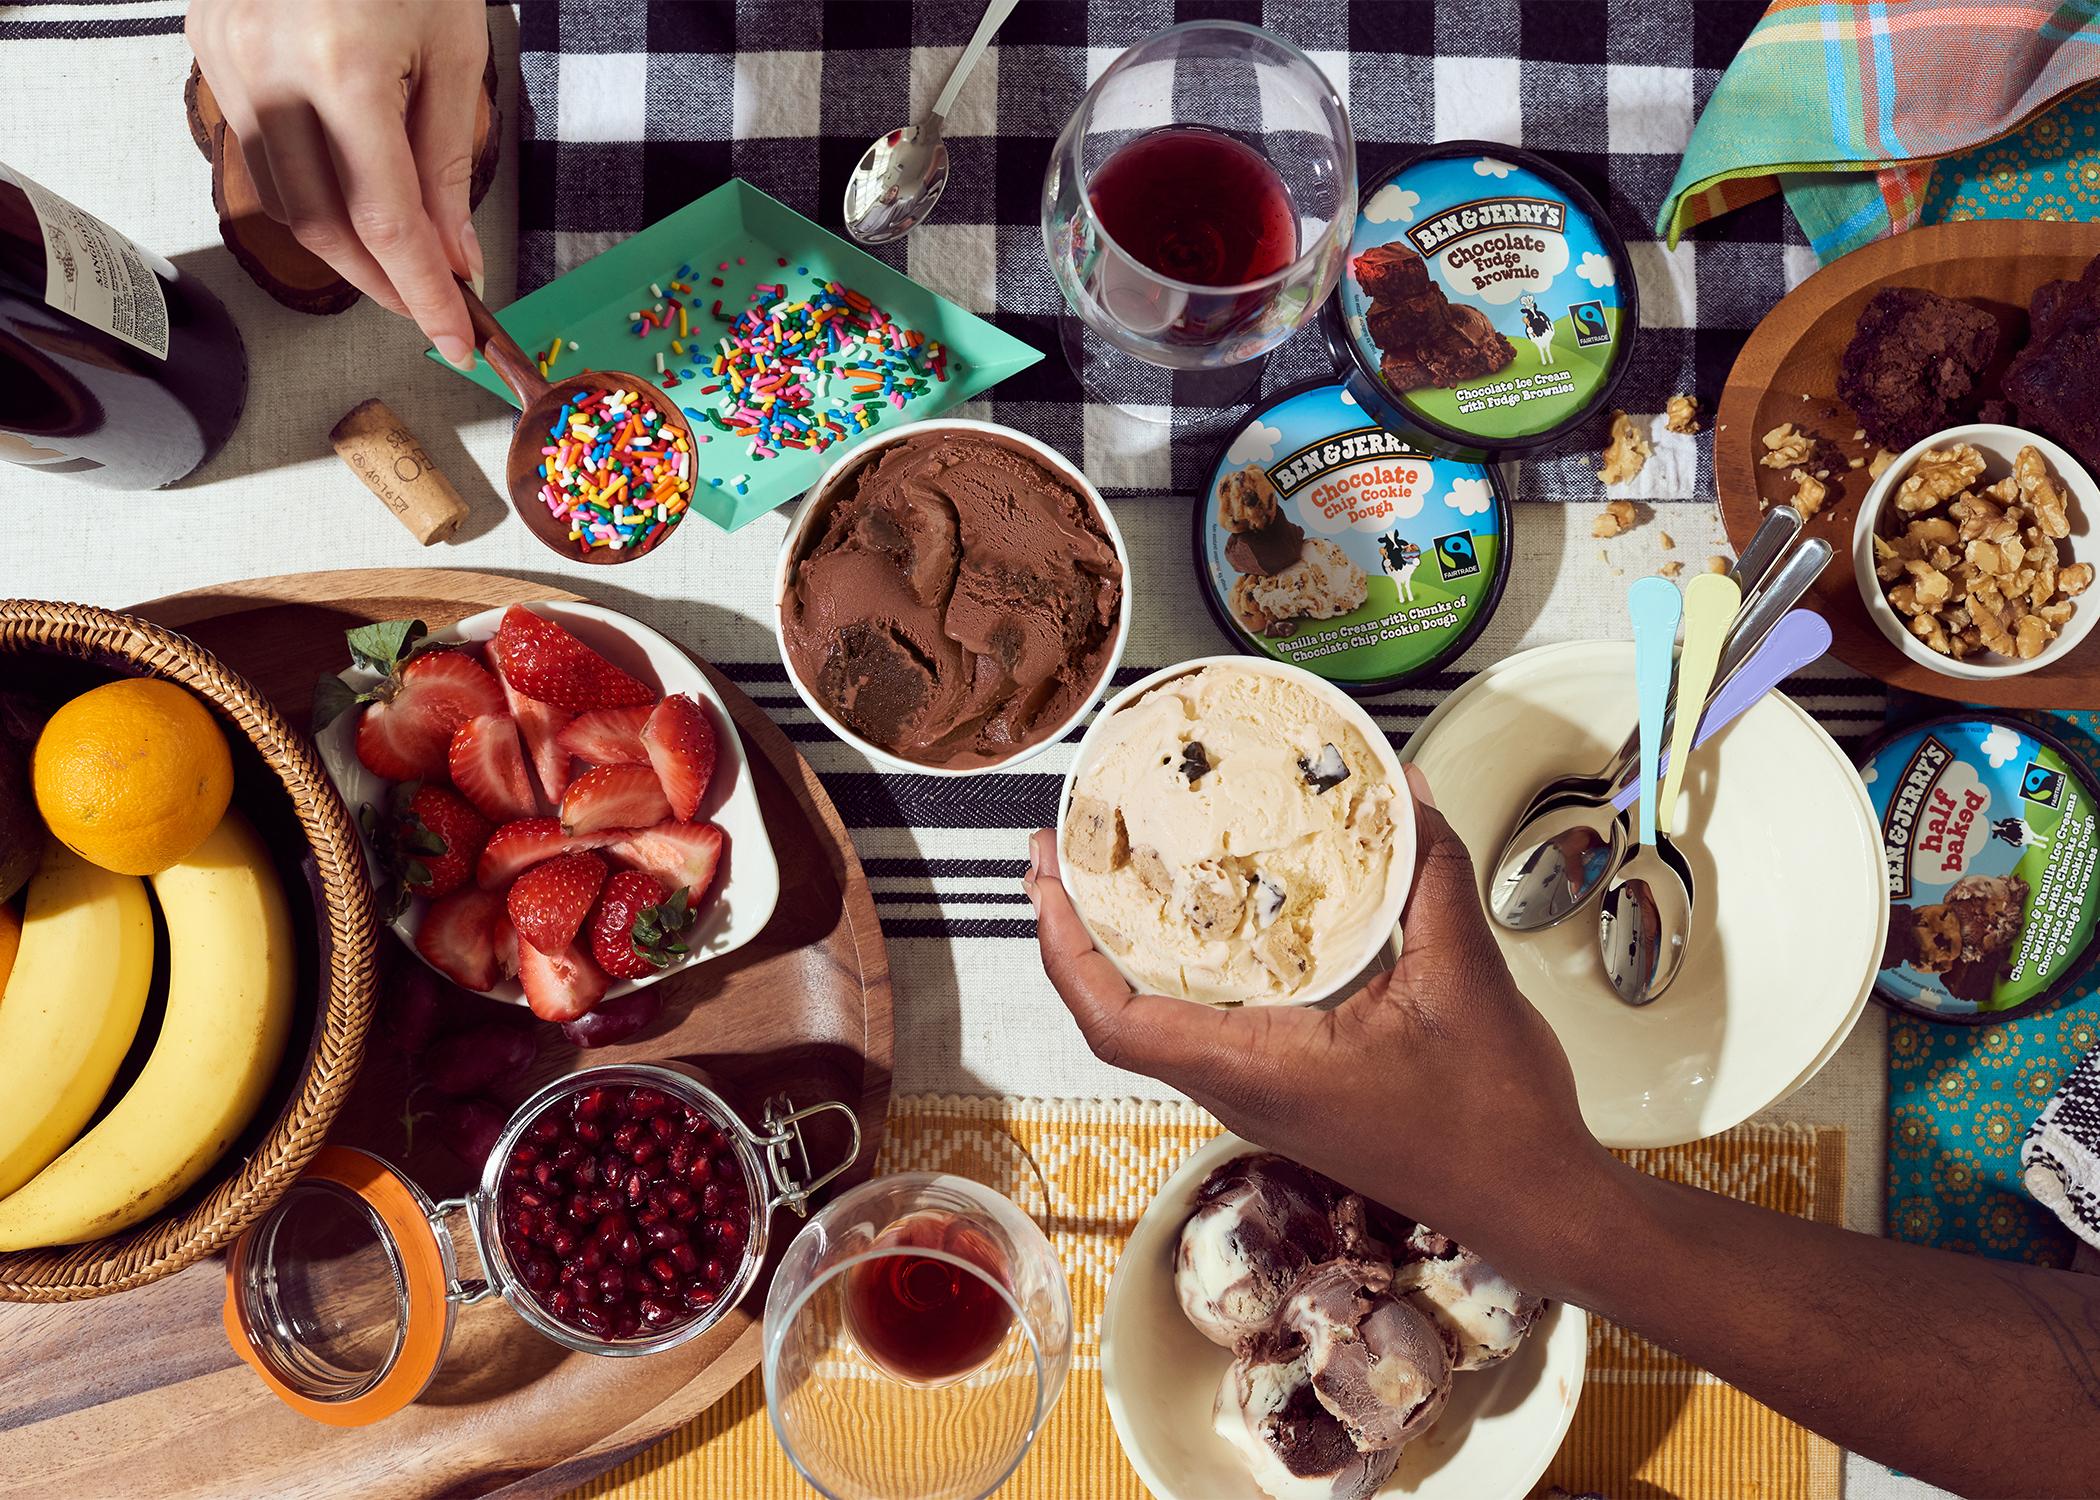 BNJ0074-AMET-Half_Baked-Cookie_Dough-Chocolate_Fudge_Brownie-Dinner_Party-H-16742-Large.jpg